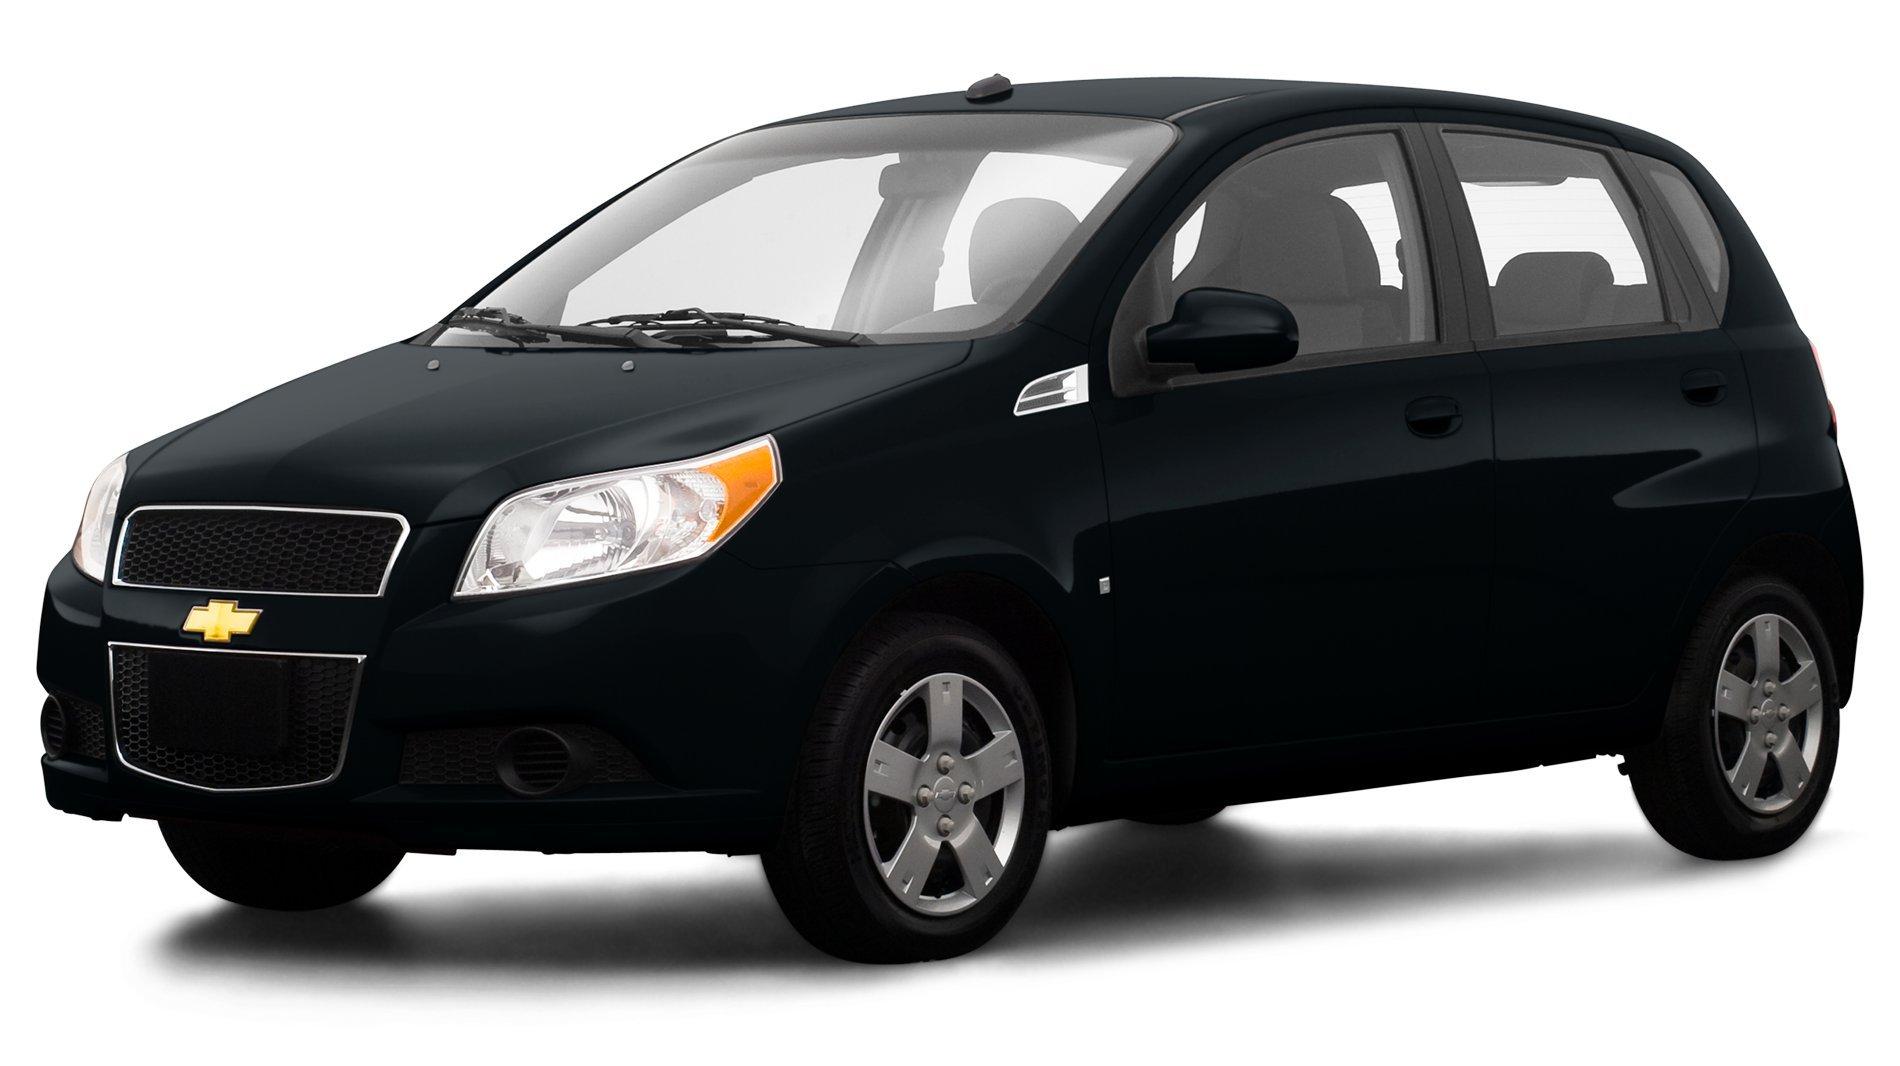 Kekurangan Chevrolet Aveo 2009 Perbandingan Harga